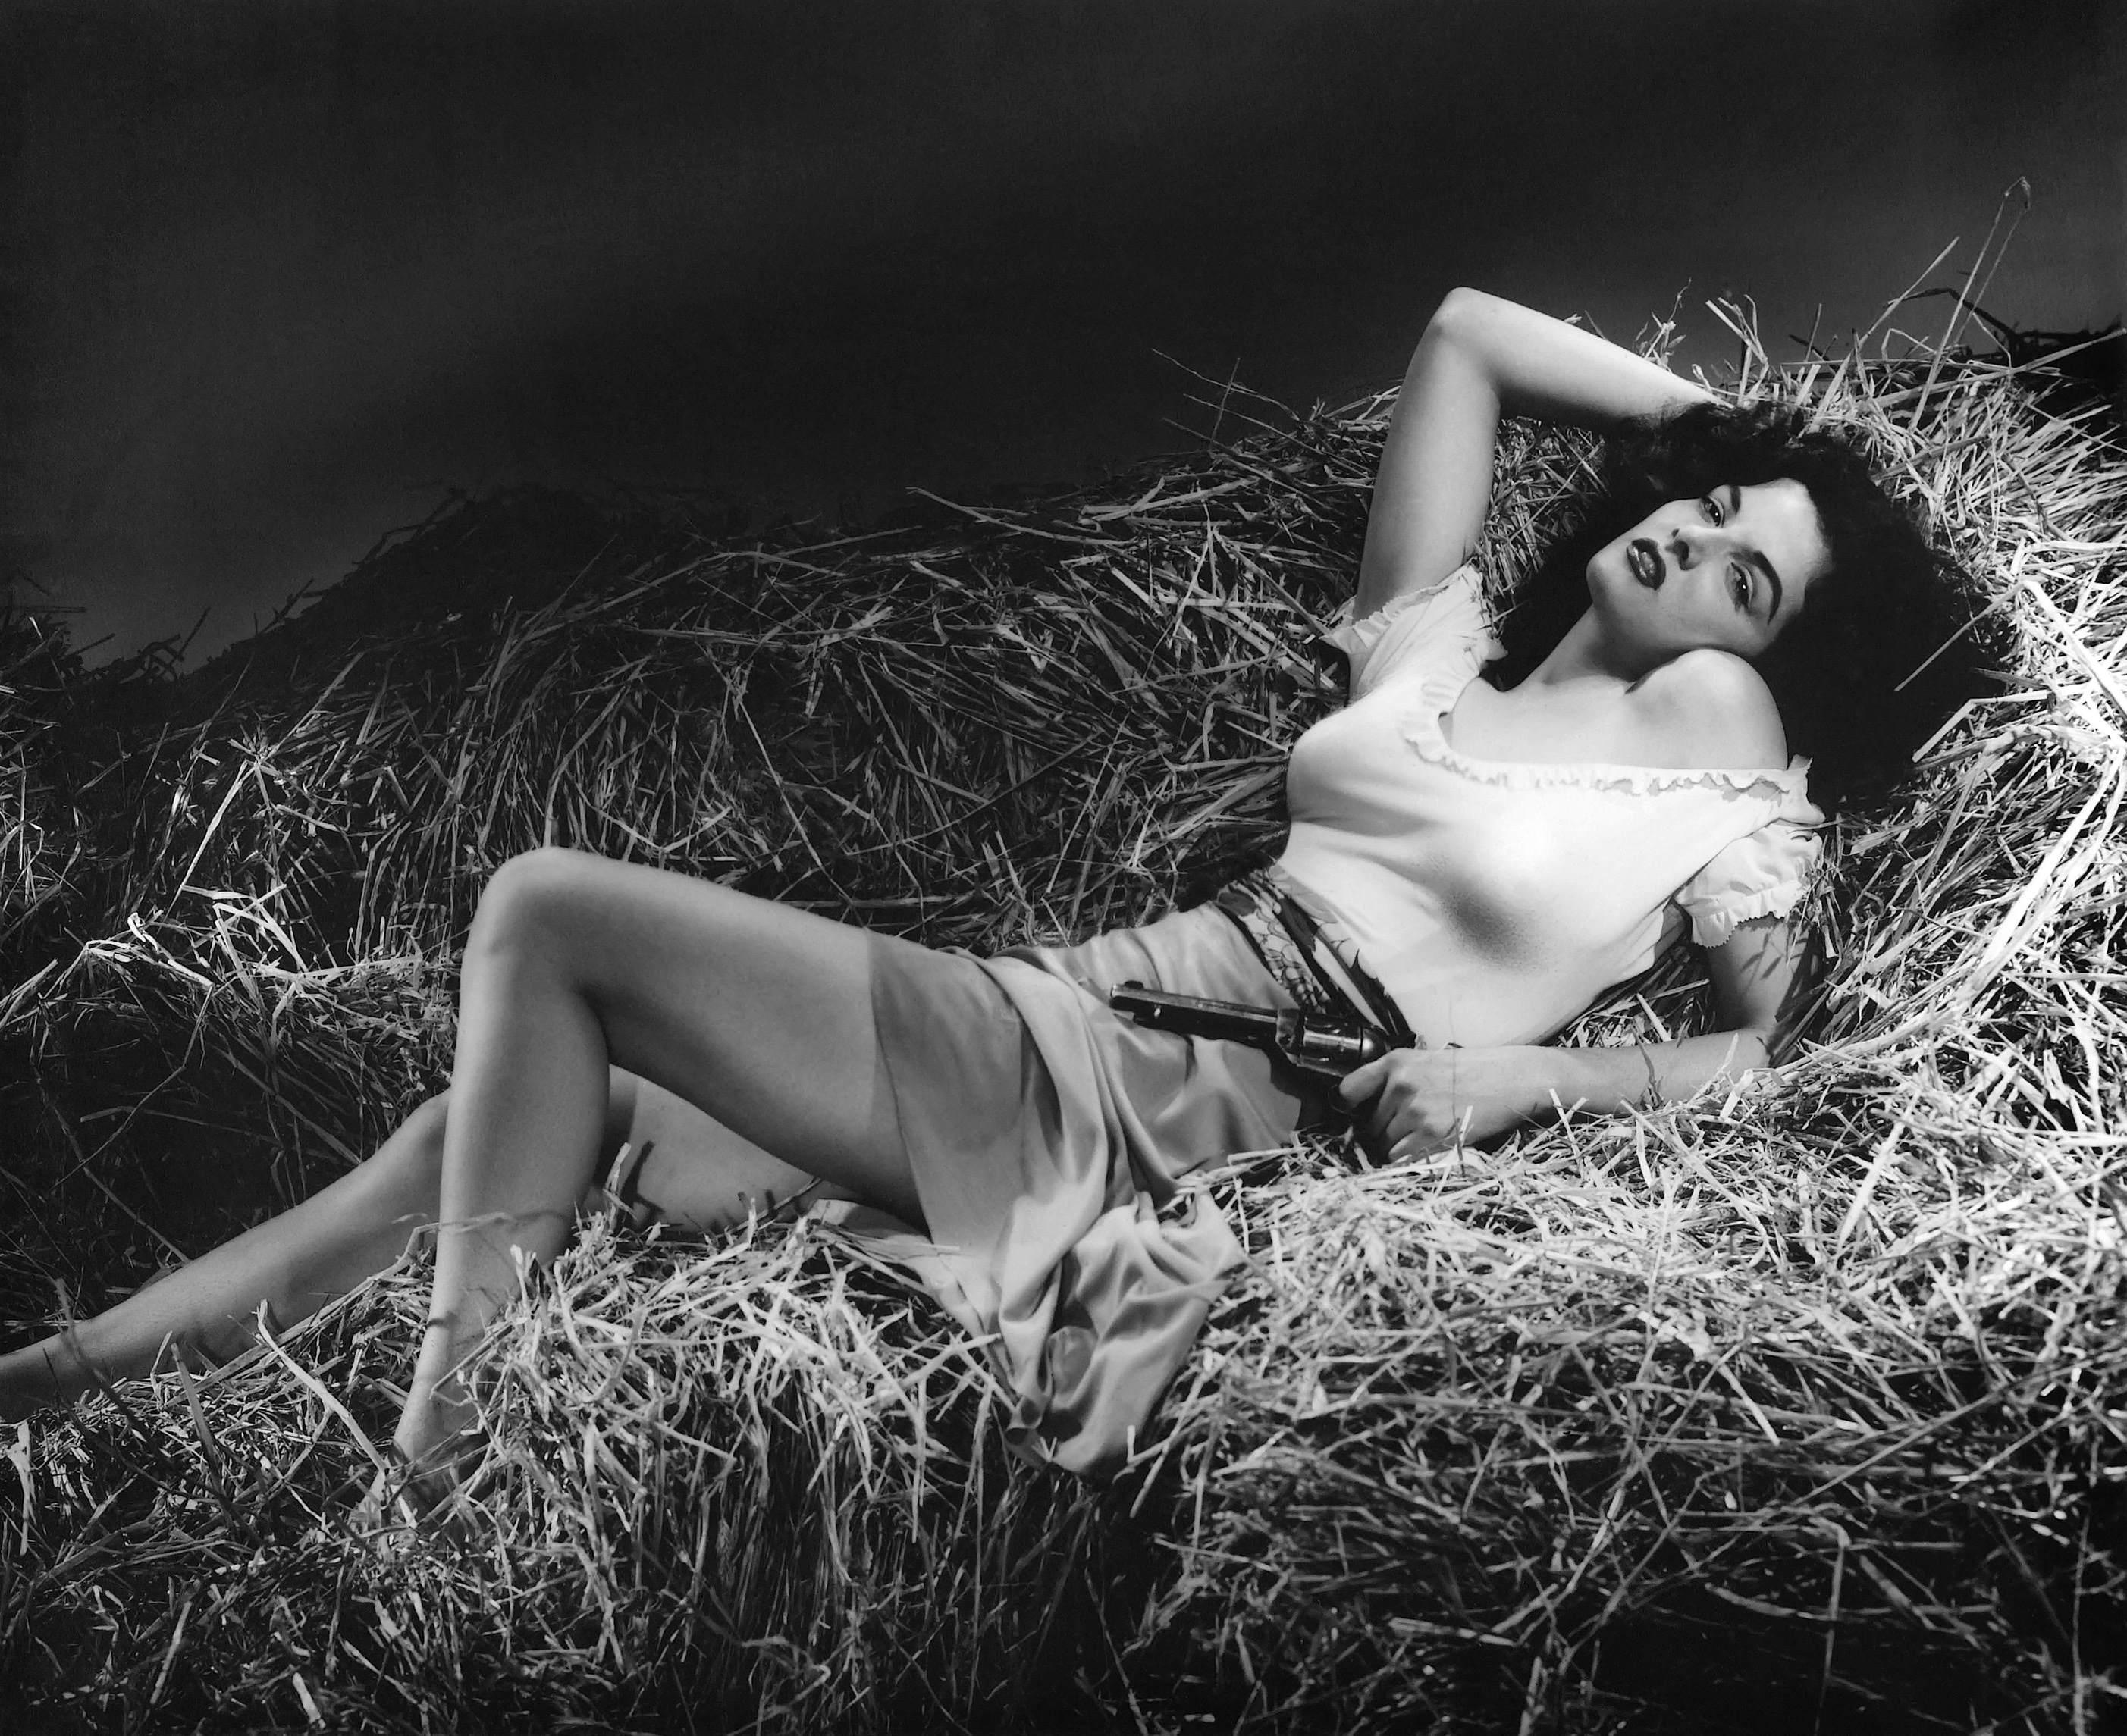 Jane Russell - Wikipedia